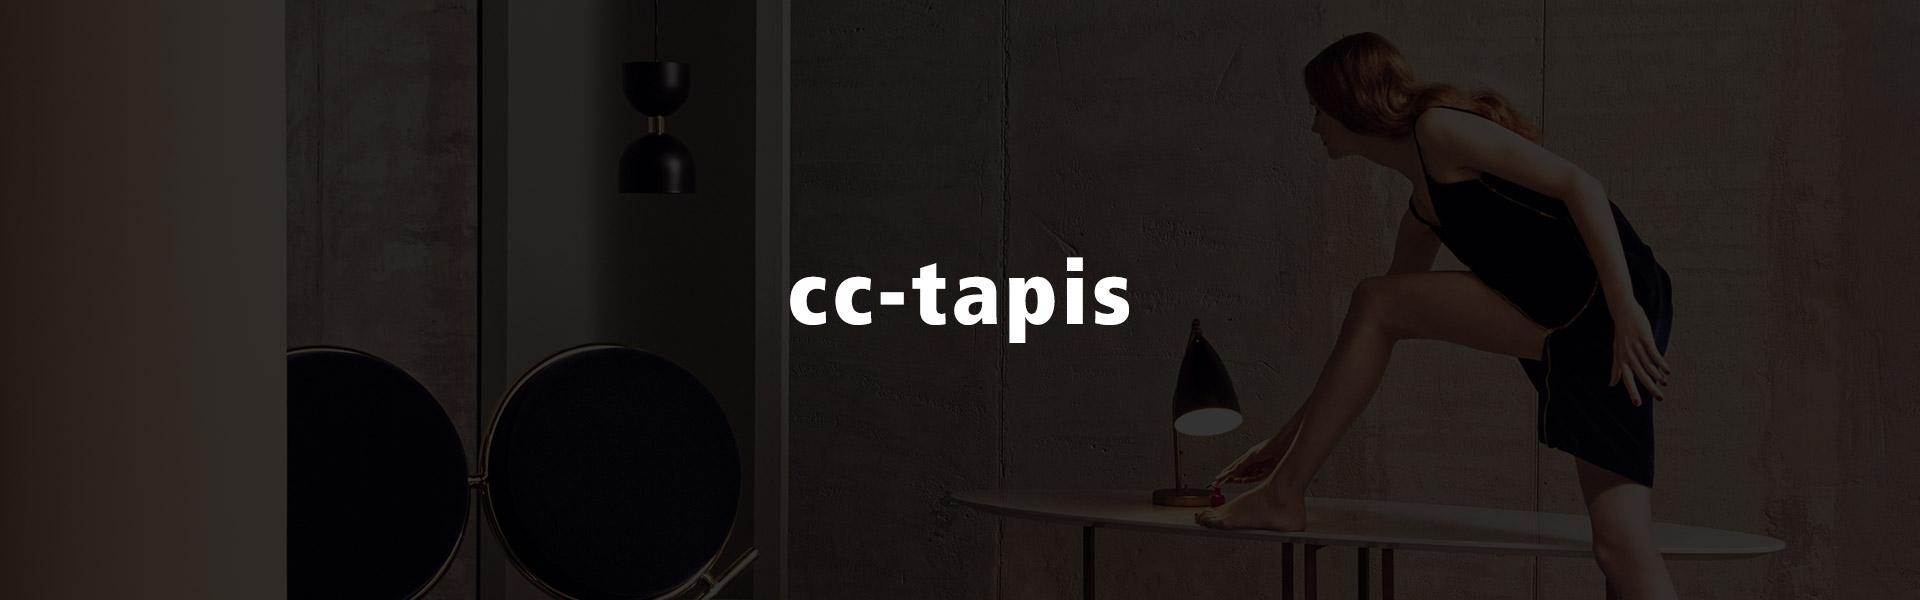 cc_tapis_1